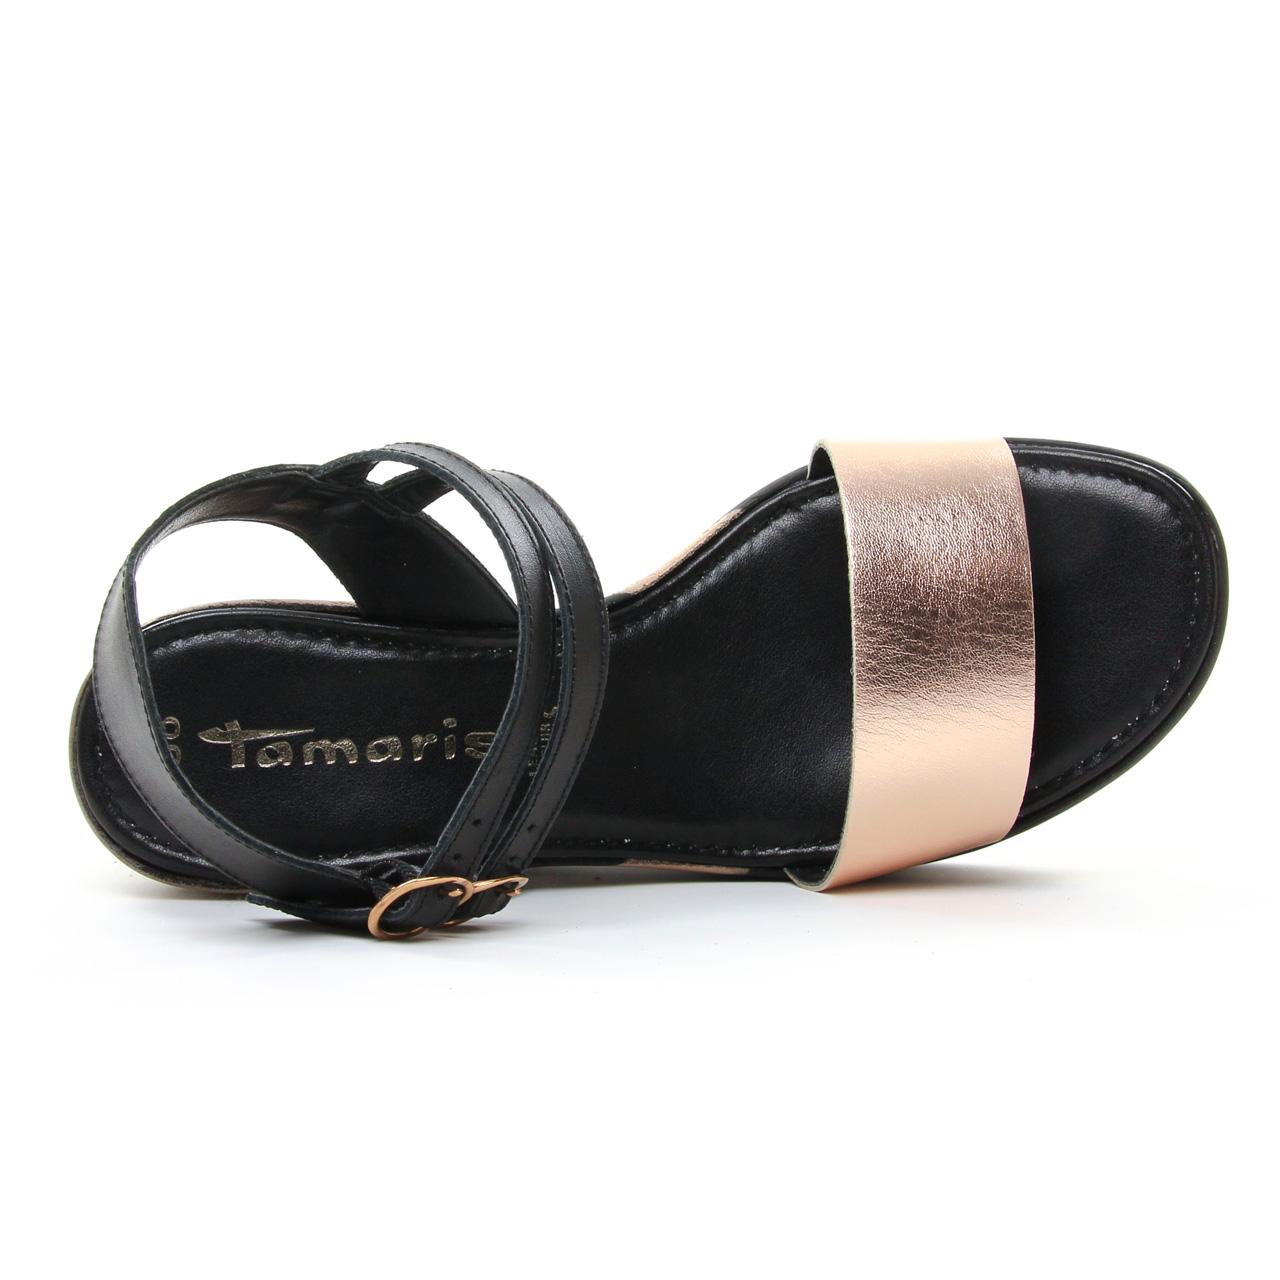 Tamaris 28367 Black | nu-pied compensés noir rose printemps